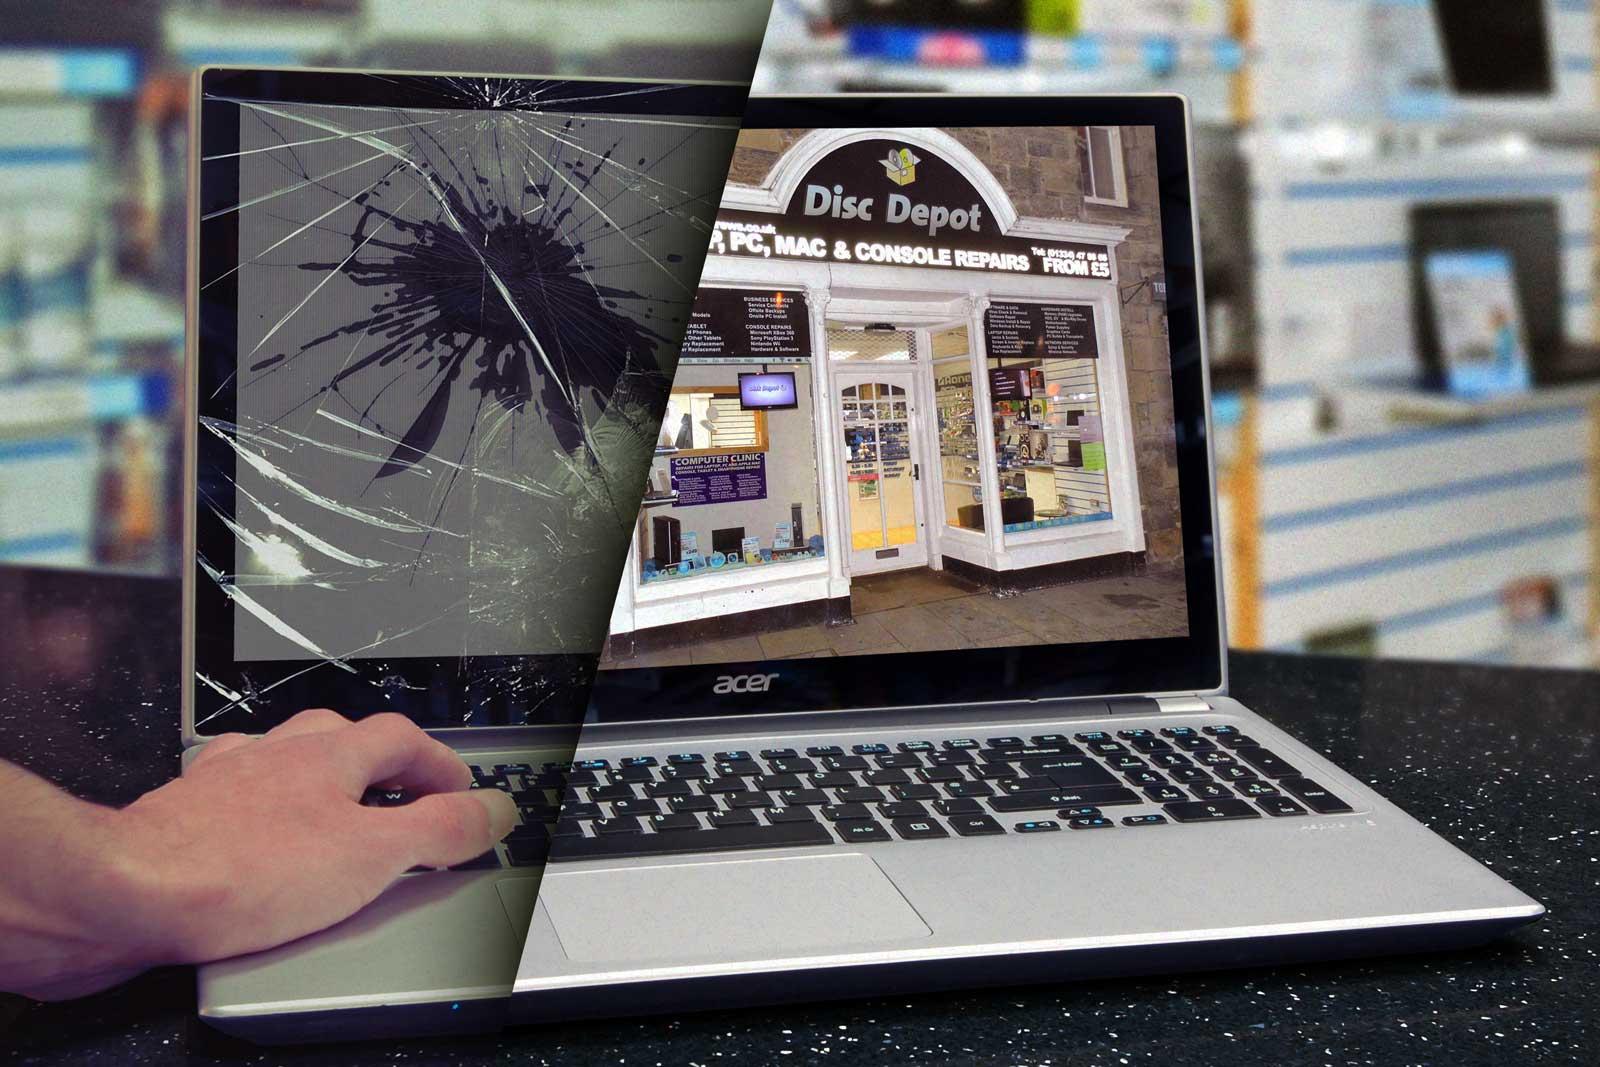 Thay màn hình laptop hết bao nhiêu tiền?